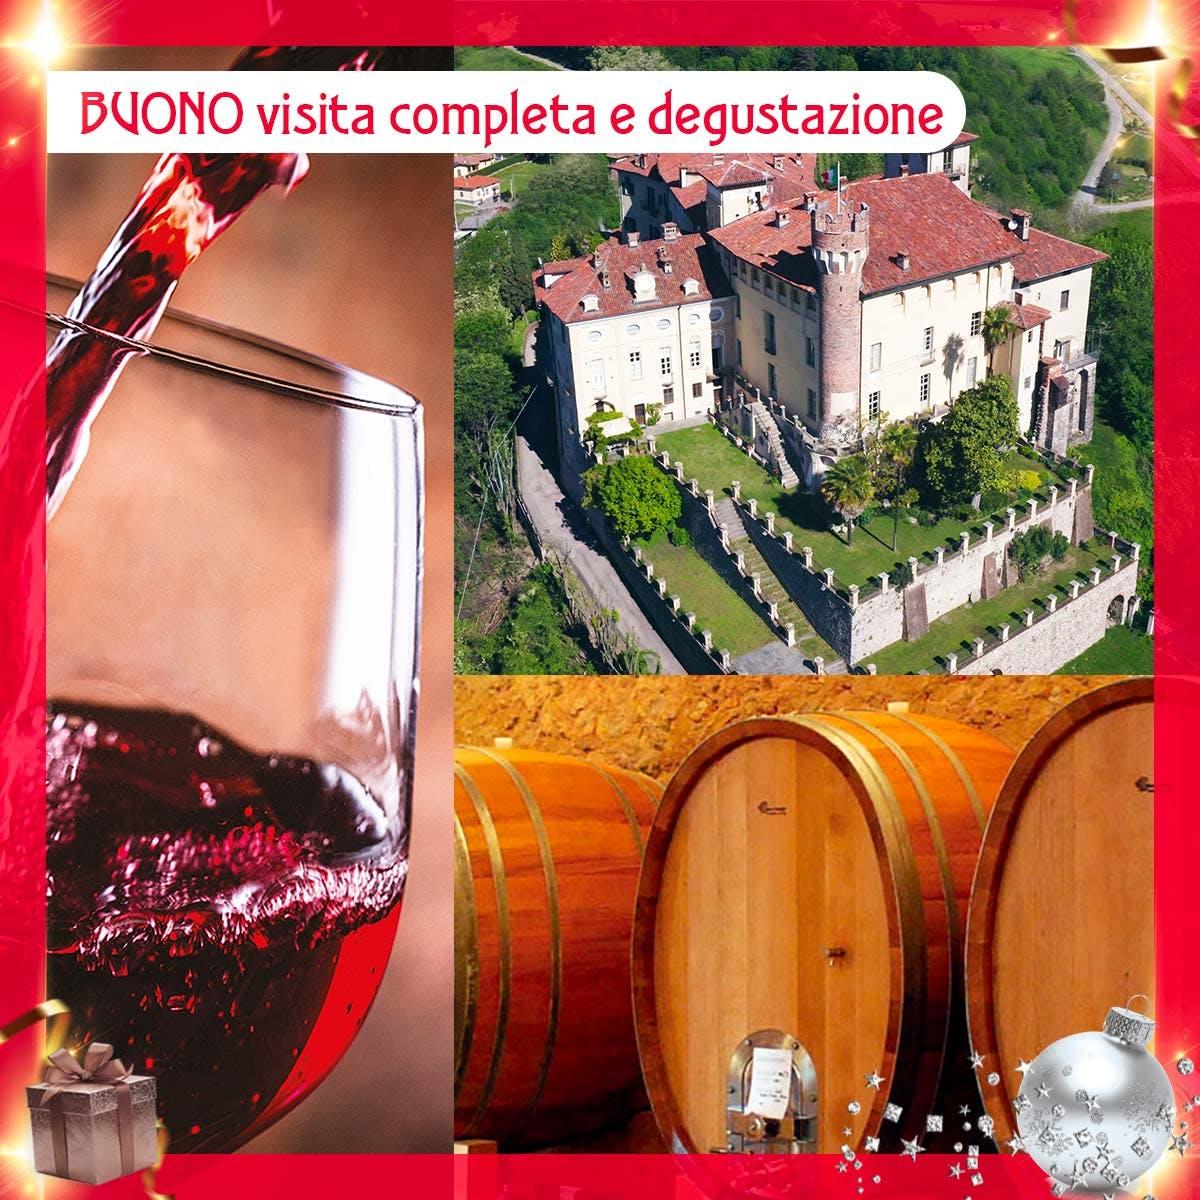 Visita al Castello e alle cantine con degustazione vini